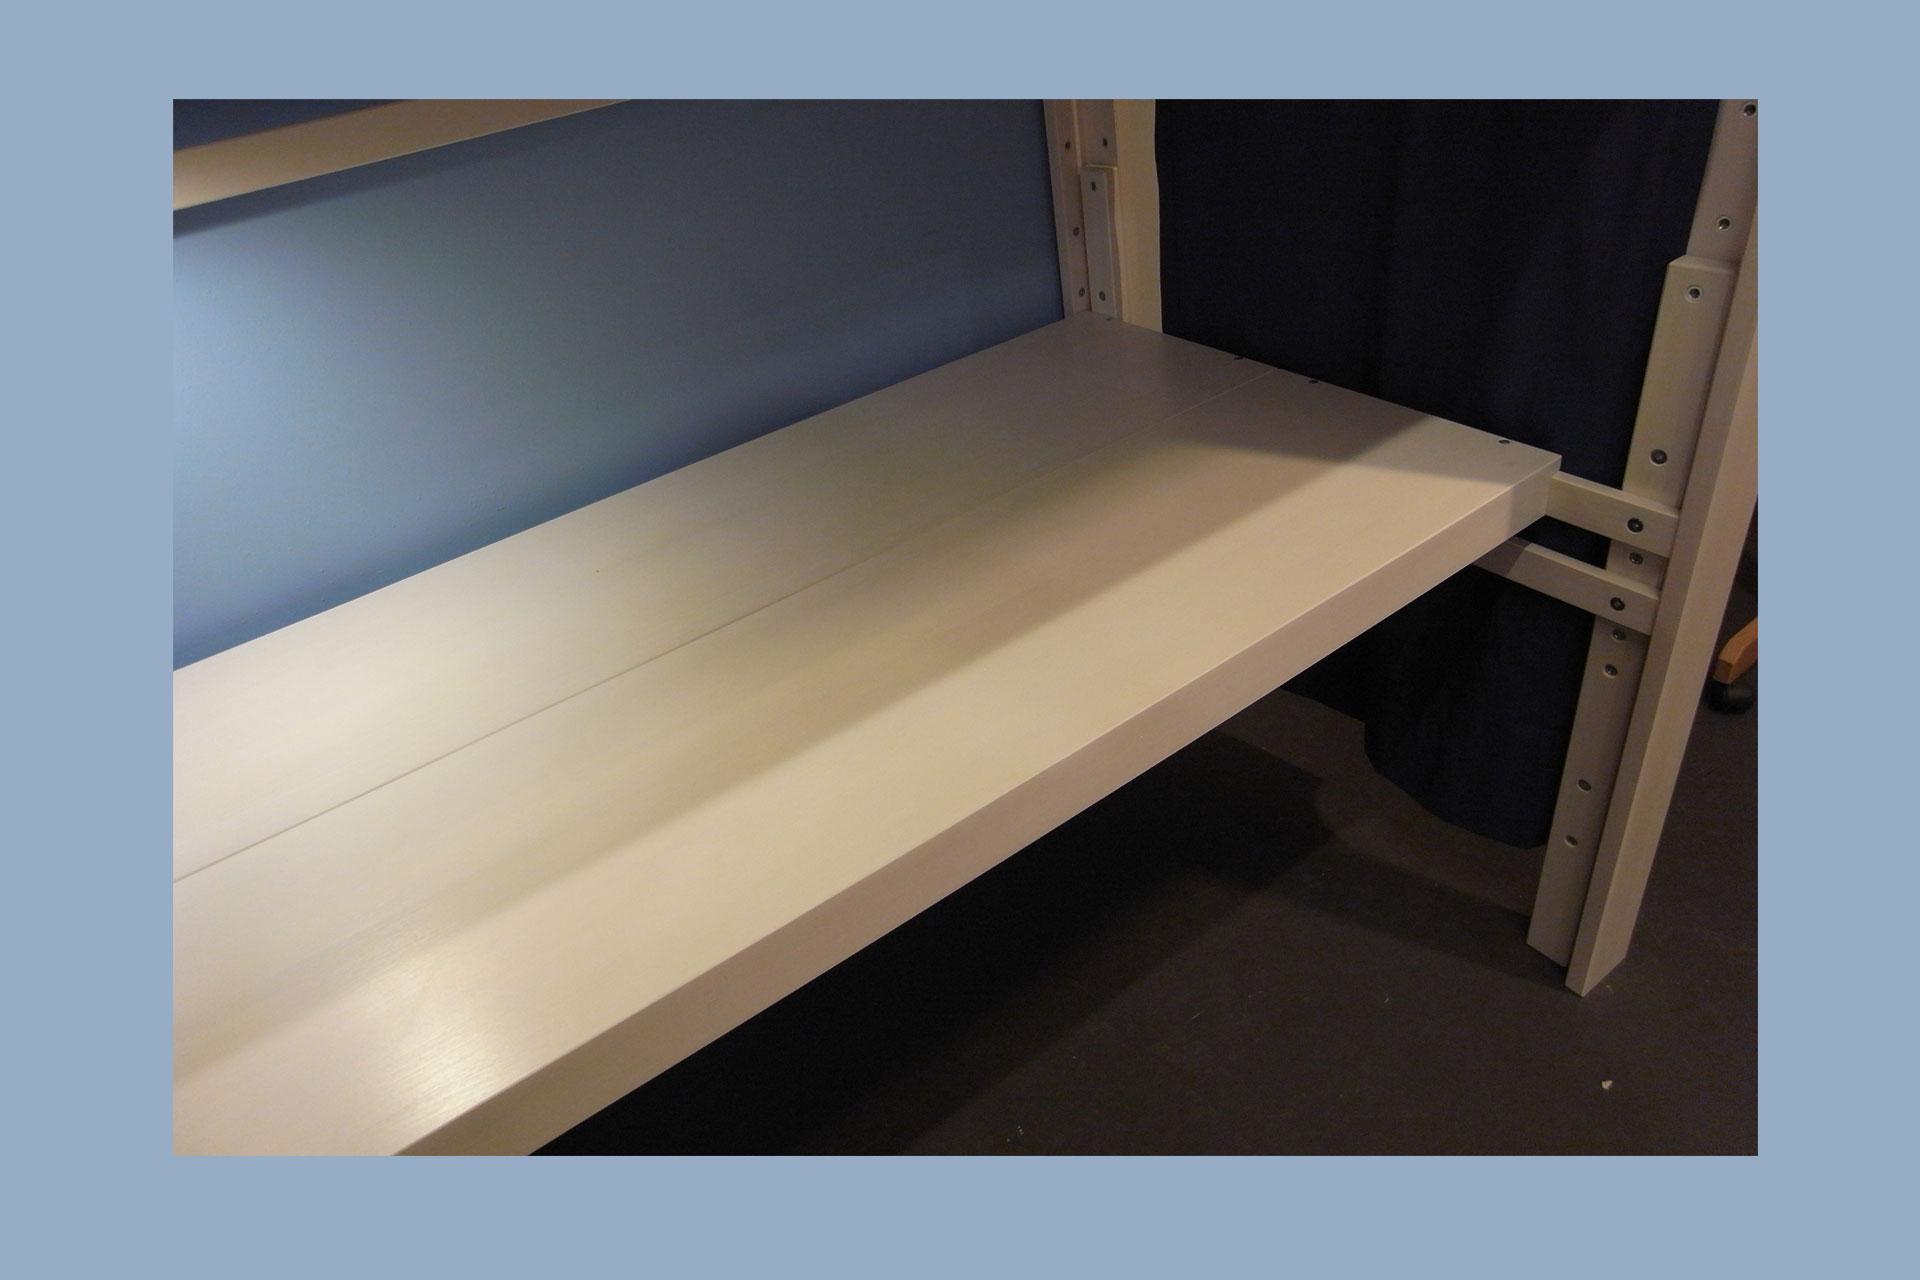 Schreibtischplatten weiss zum Hochbett debe.destyle